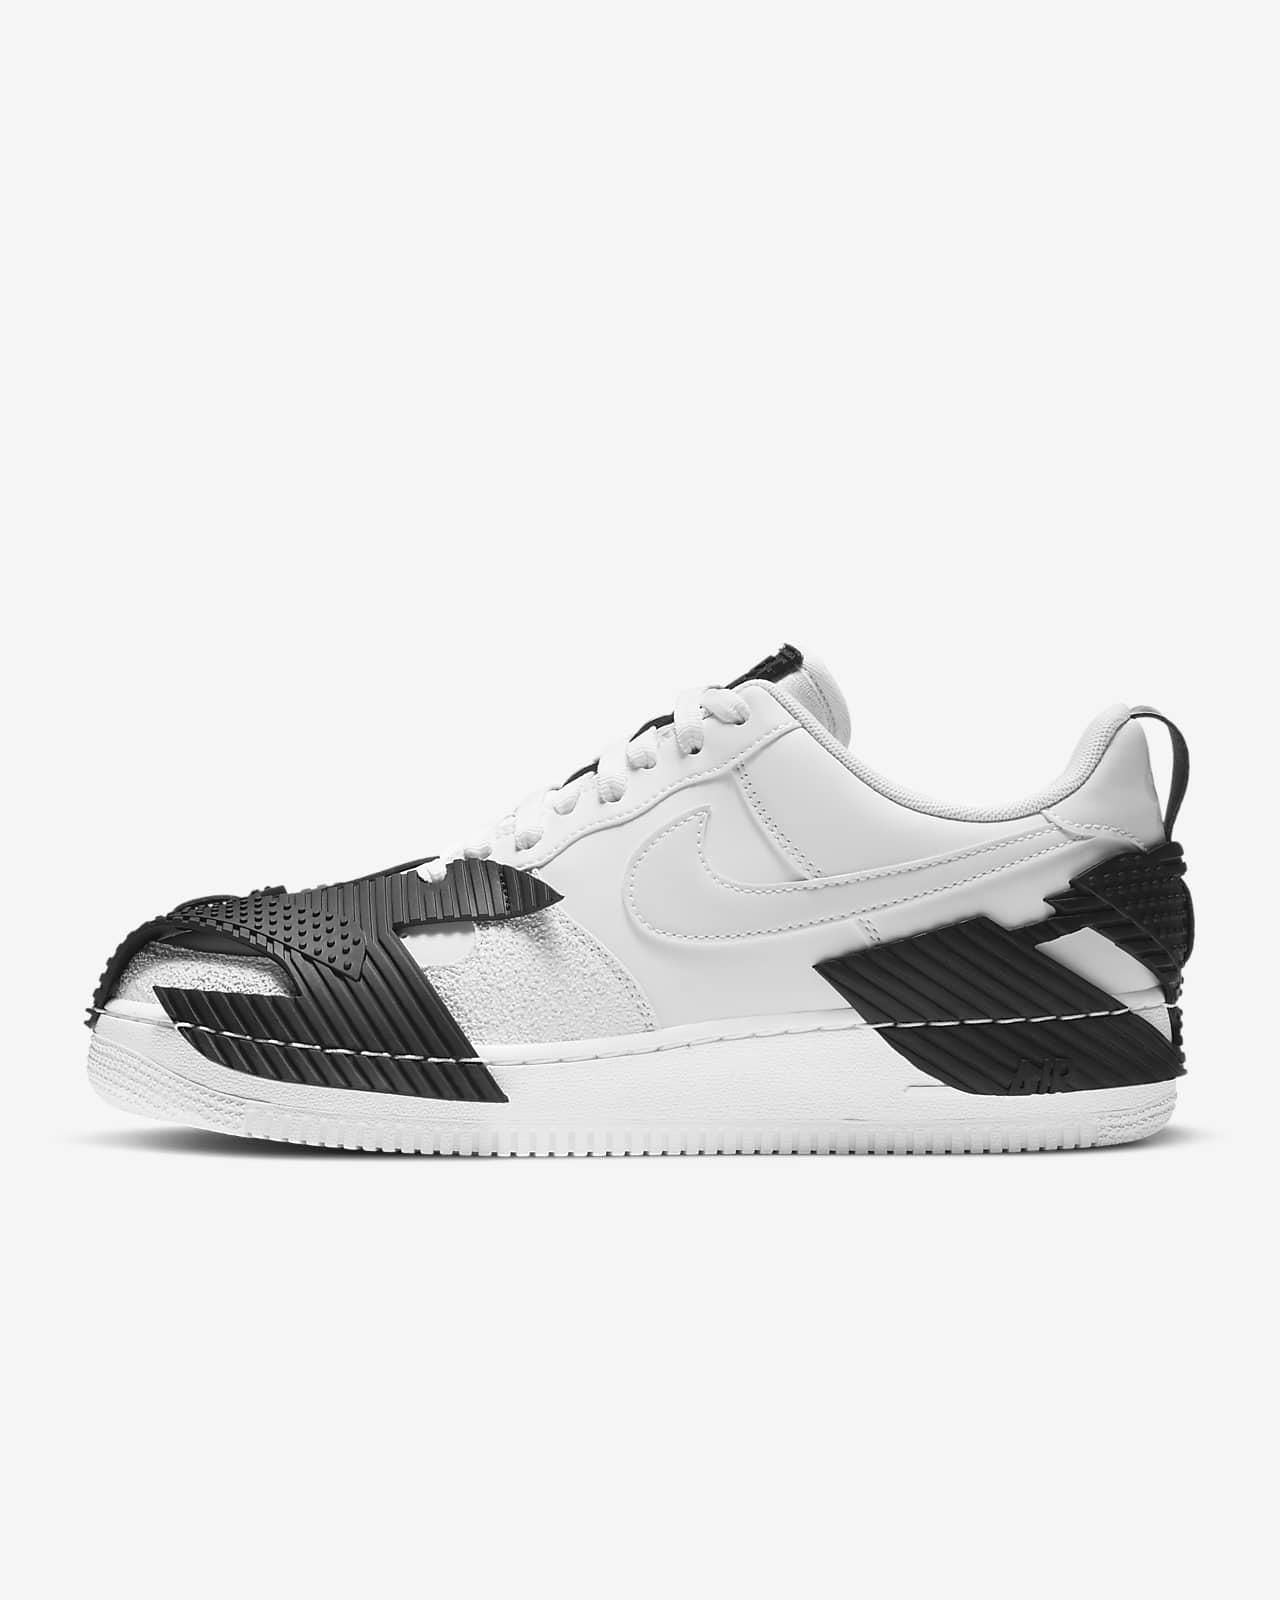 Nike Air Force 1 NDESTRUKT 男鞋